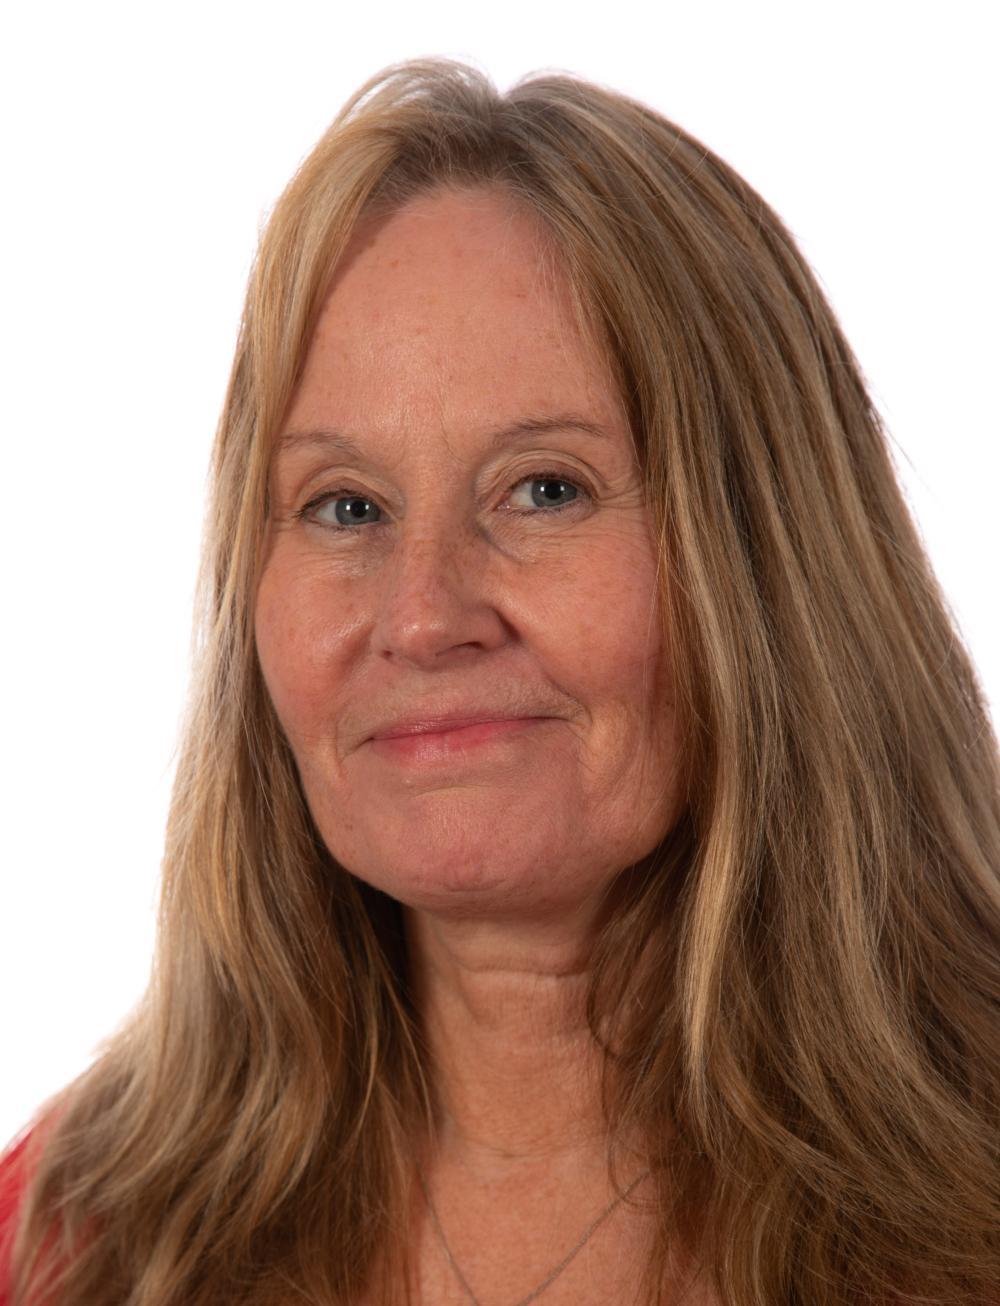 Monica Slotte